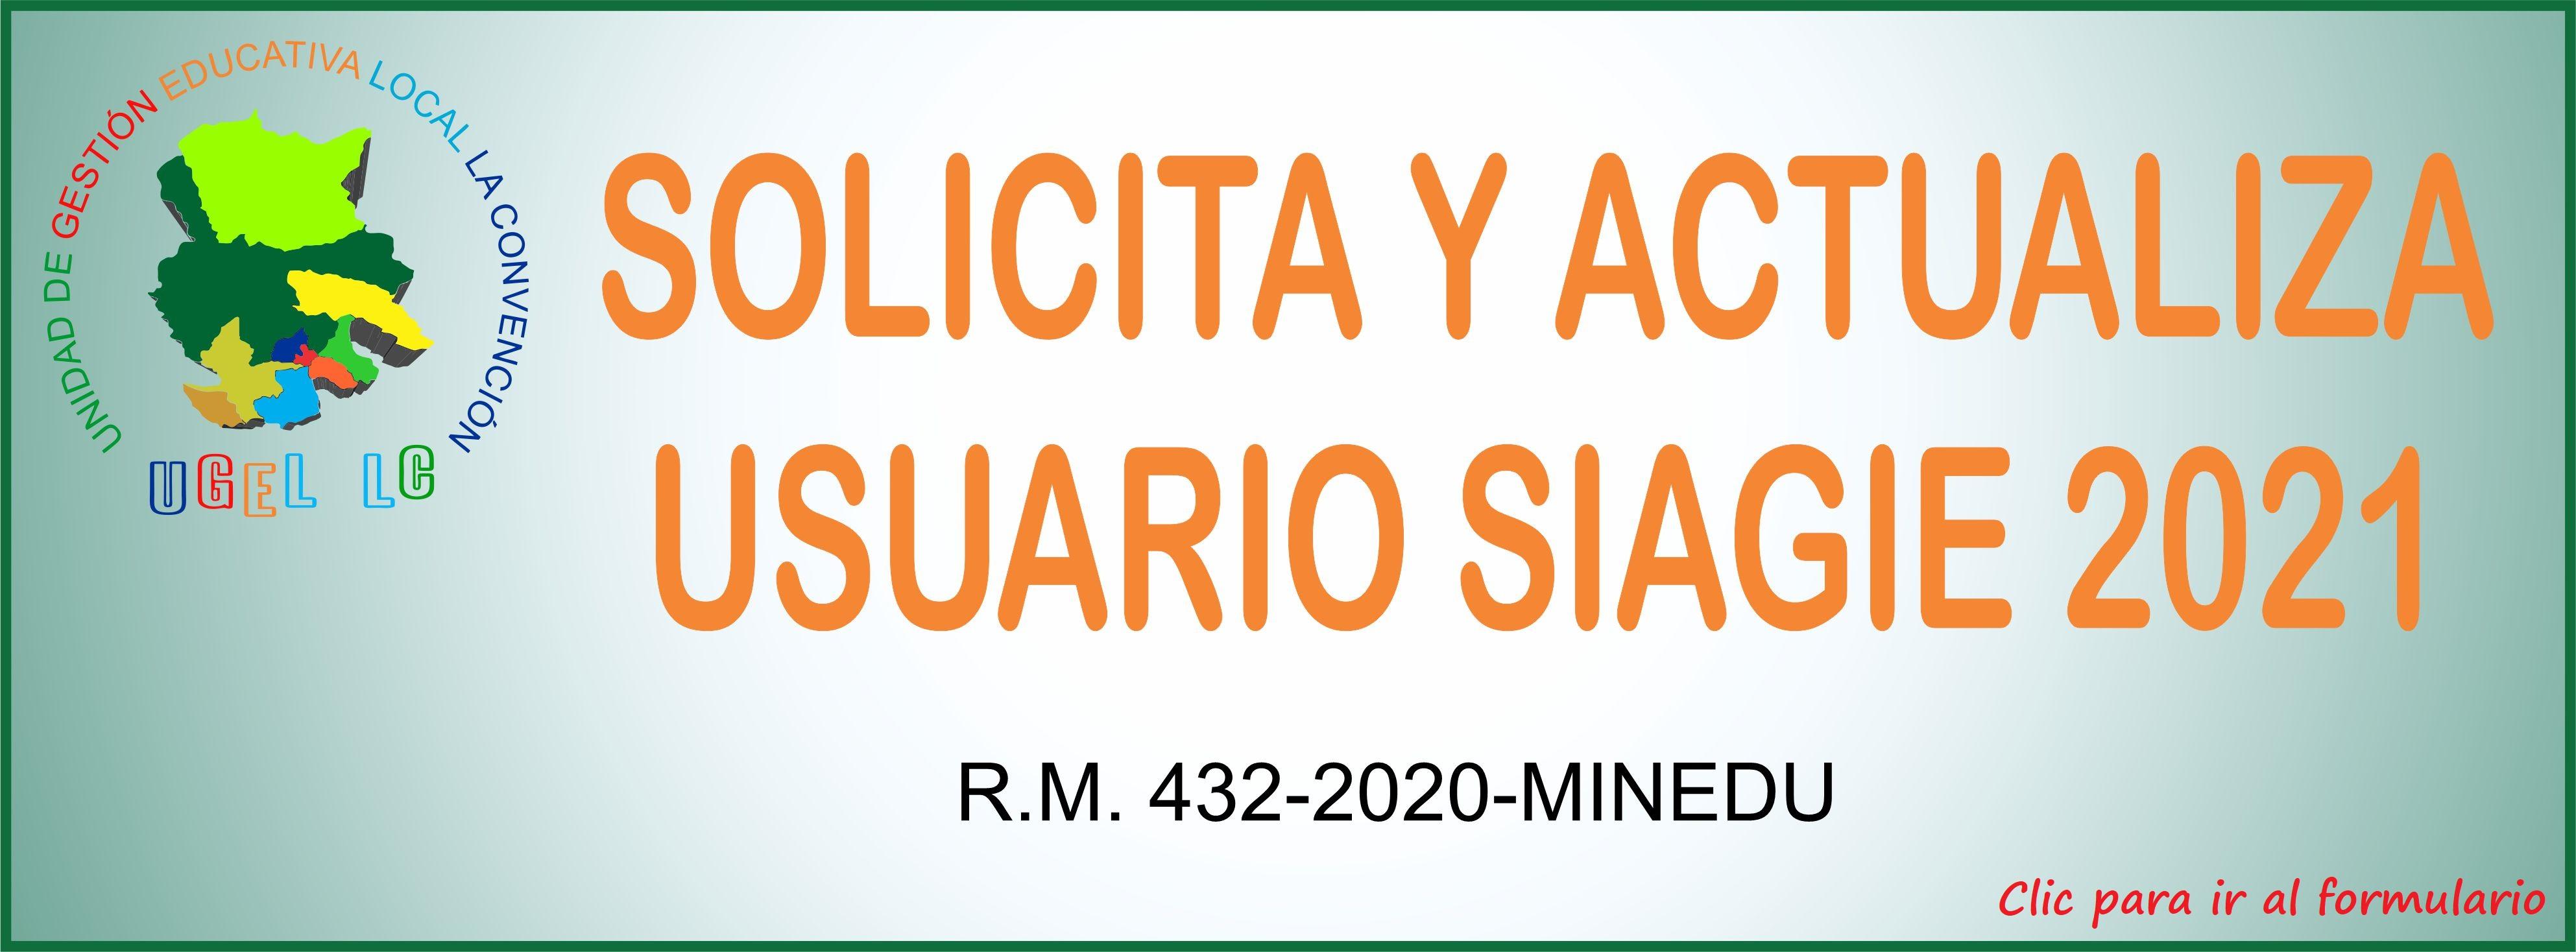 SOLICITE Y ACTUALICE USUARIO SIAGIE 2021